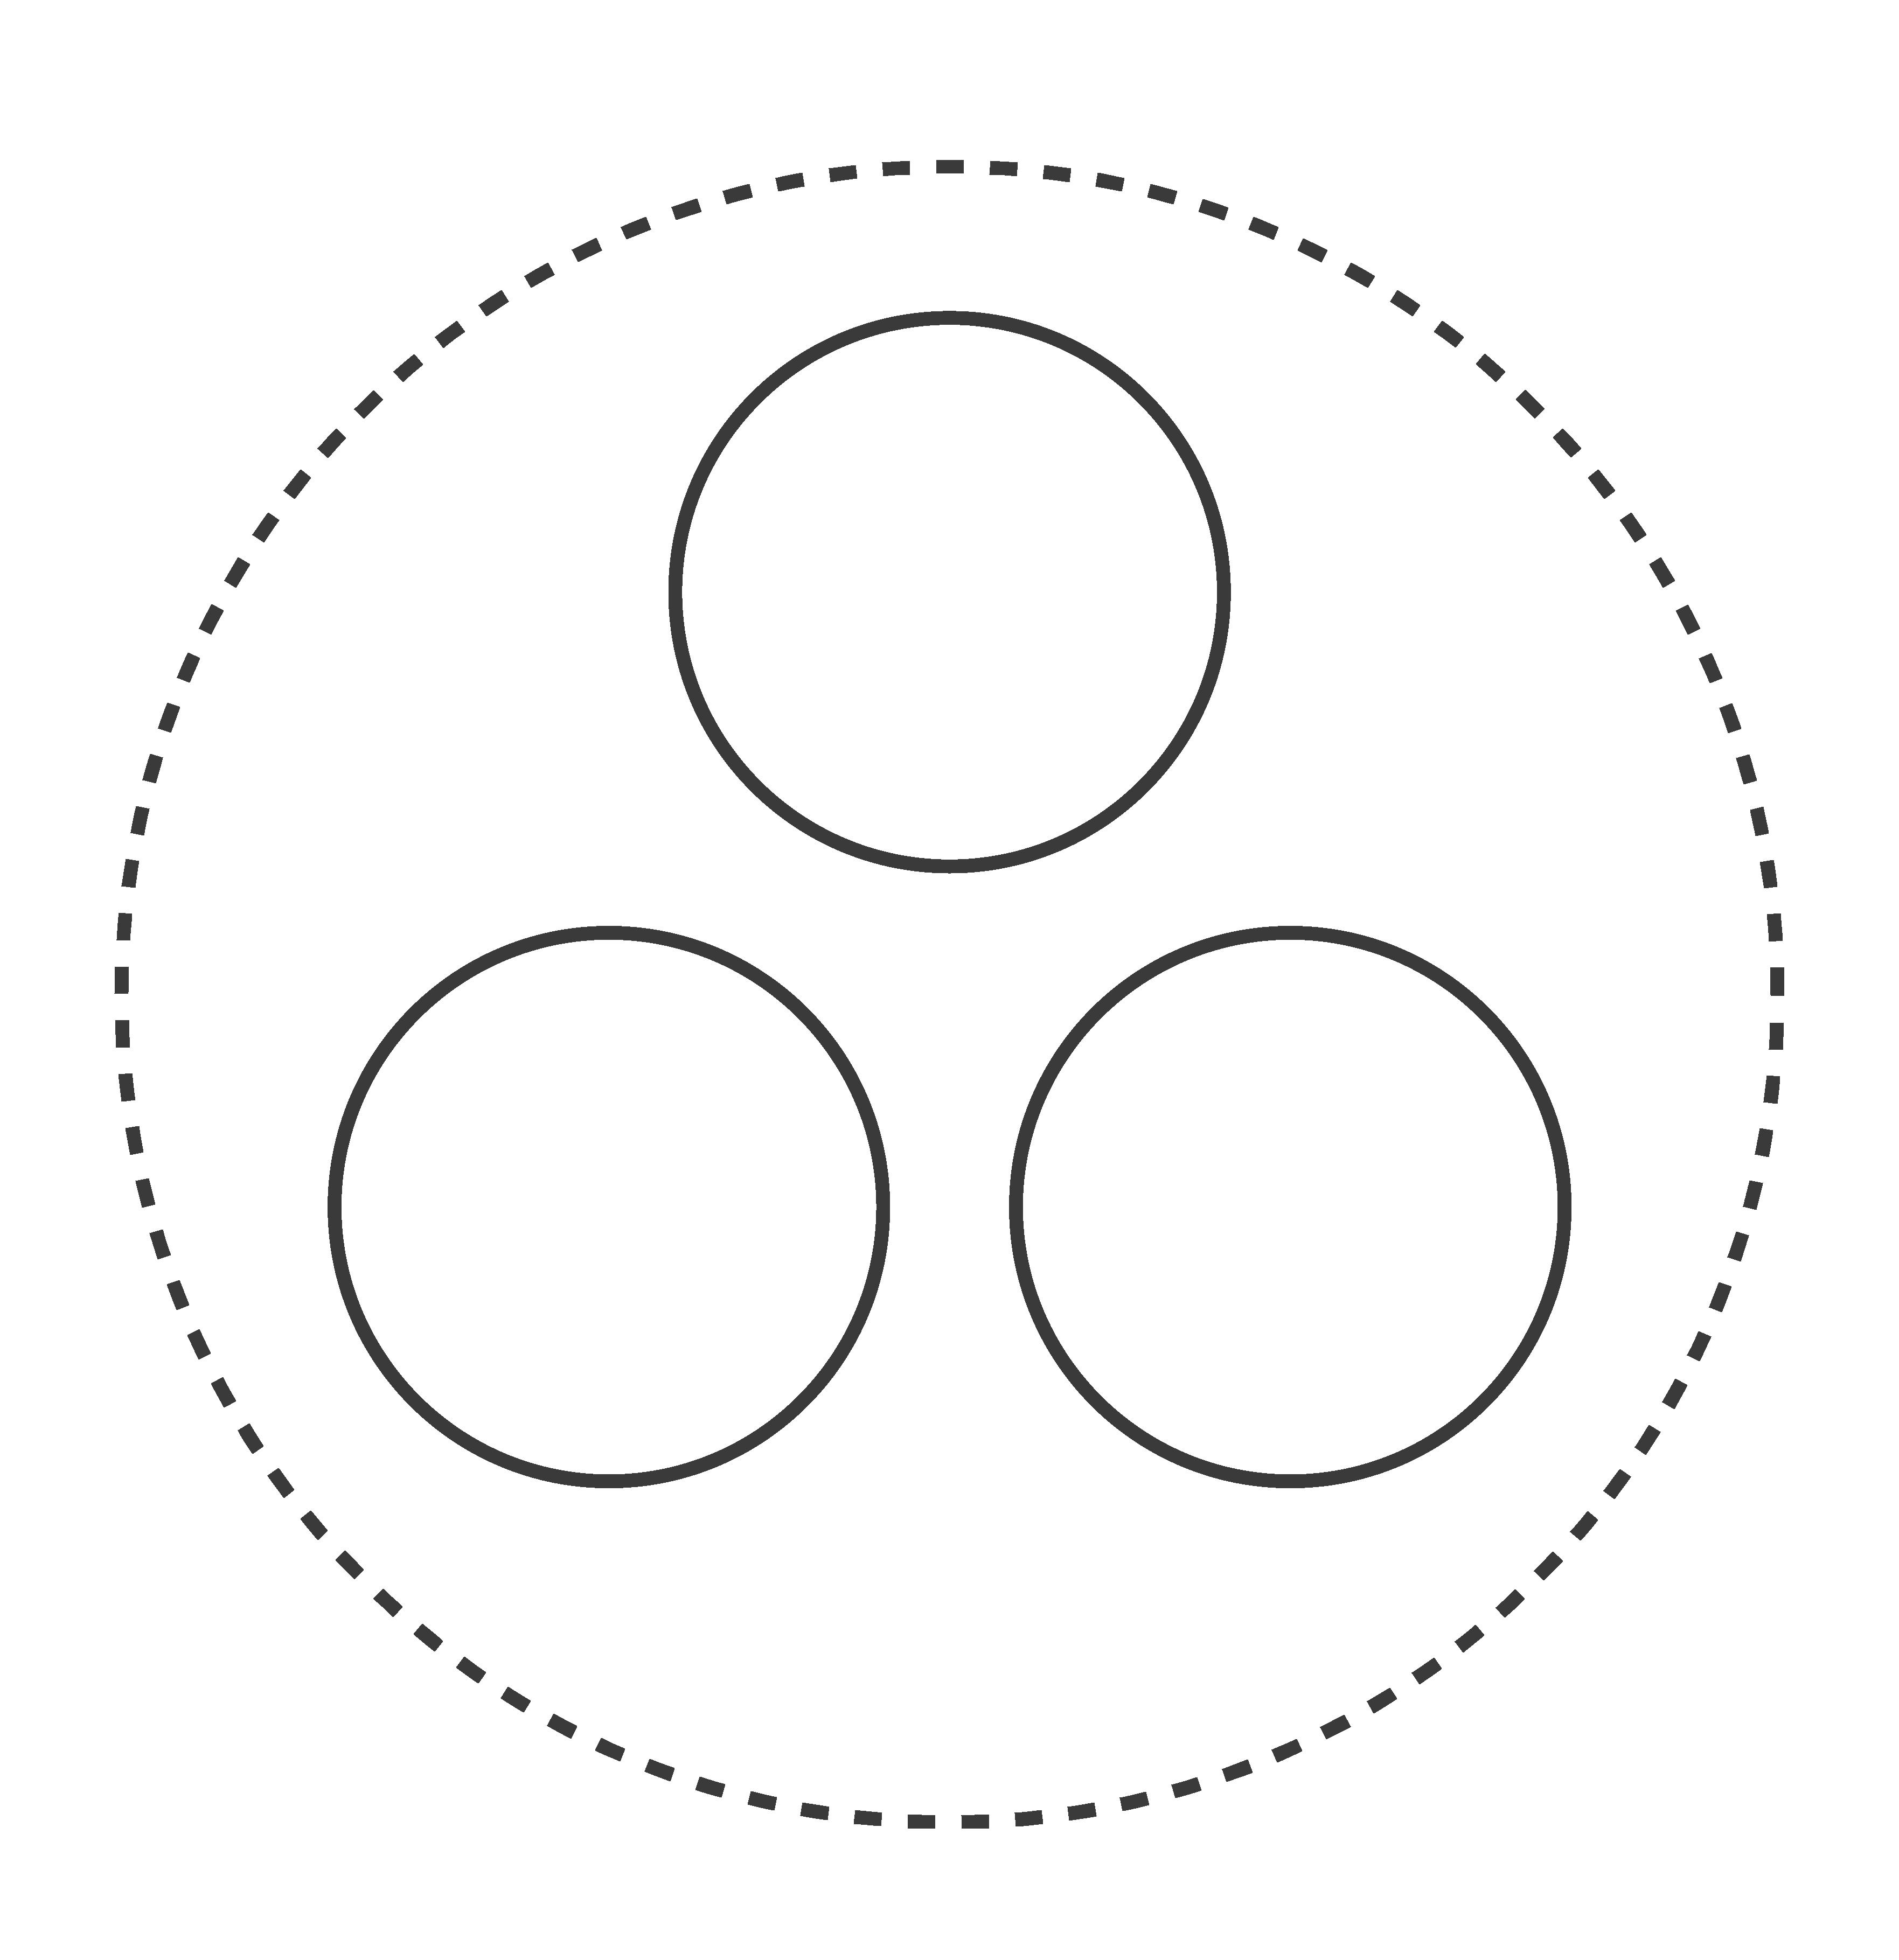 Piktogramm großer Kreis mit drei Elementen